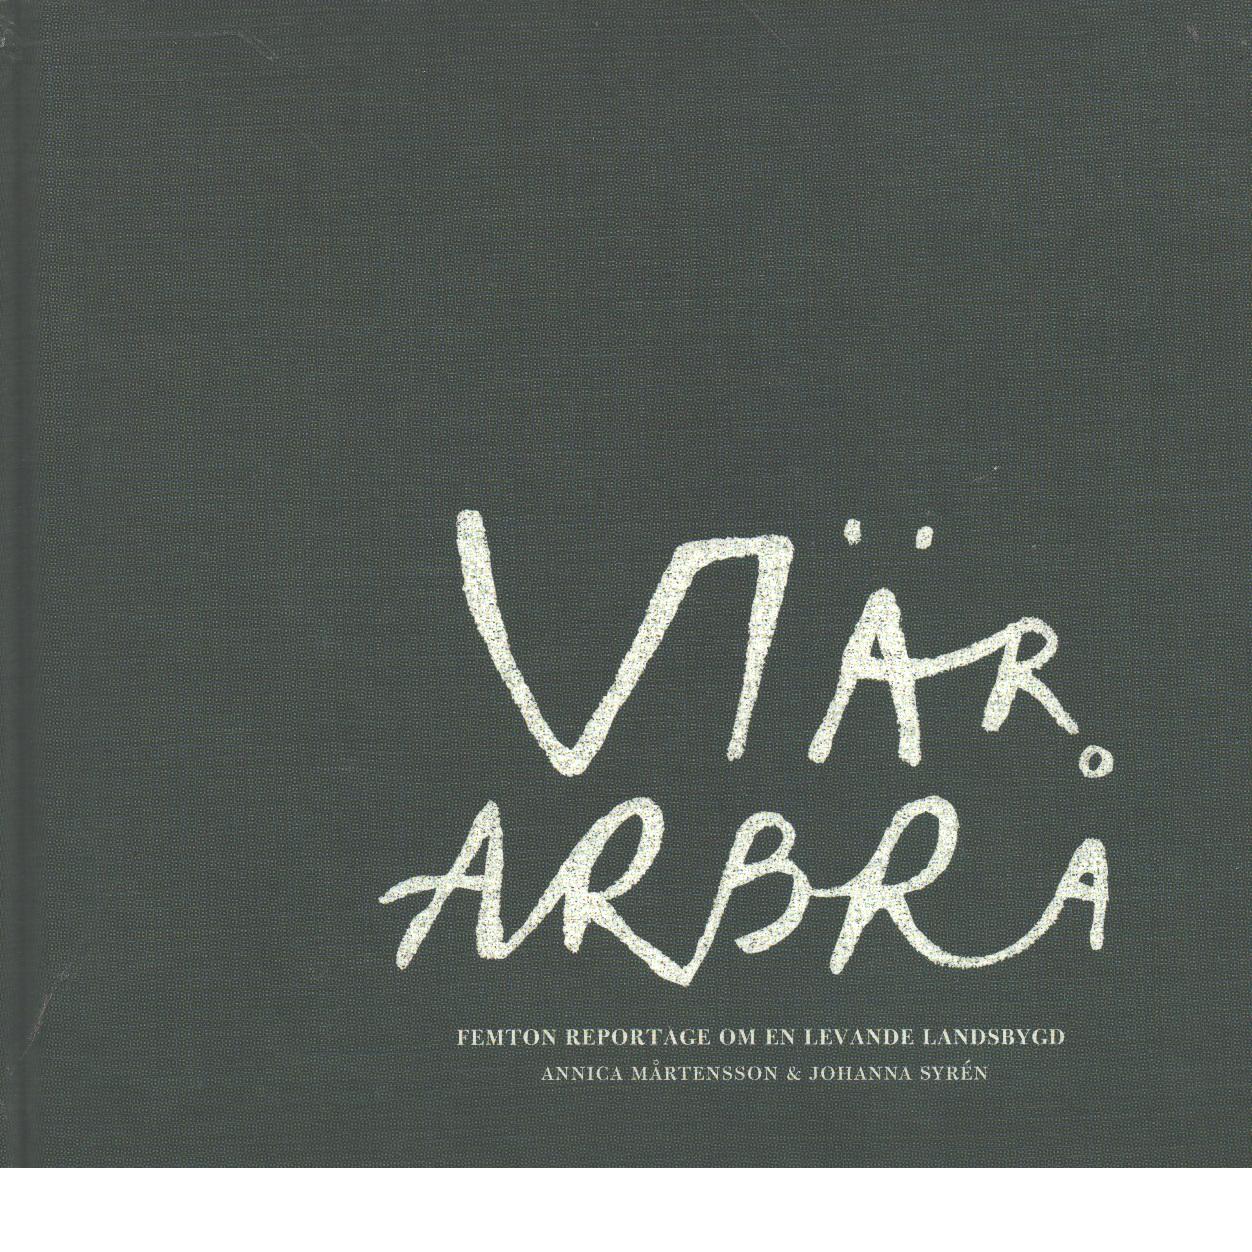 Vi är Arbrå : femton reportage om en levande landsbygd - Mårtensson, Annica och Syrén, Johanna